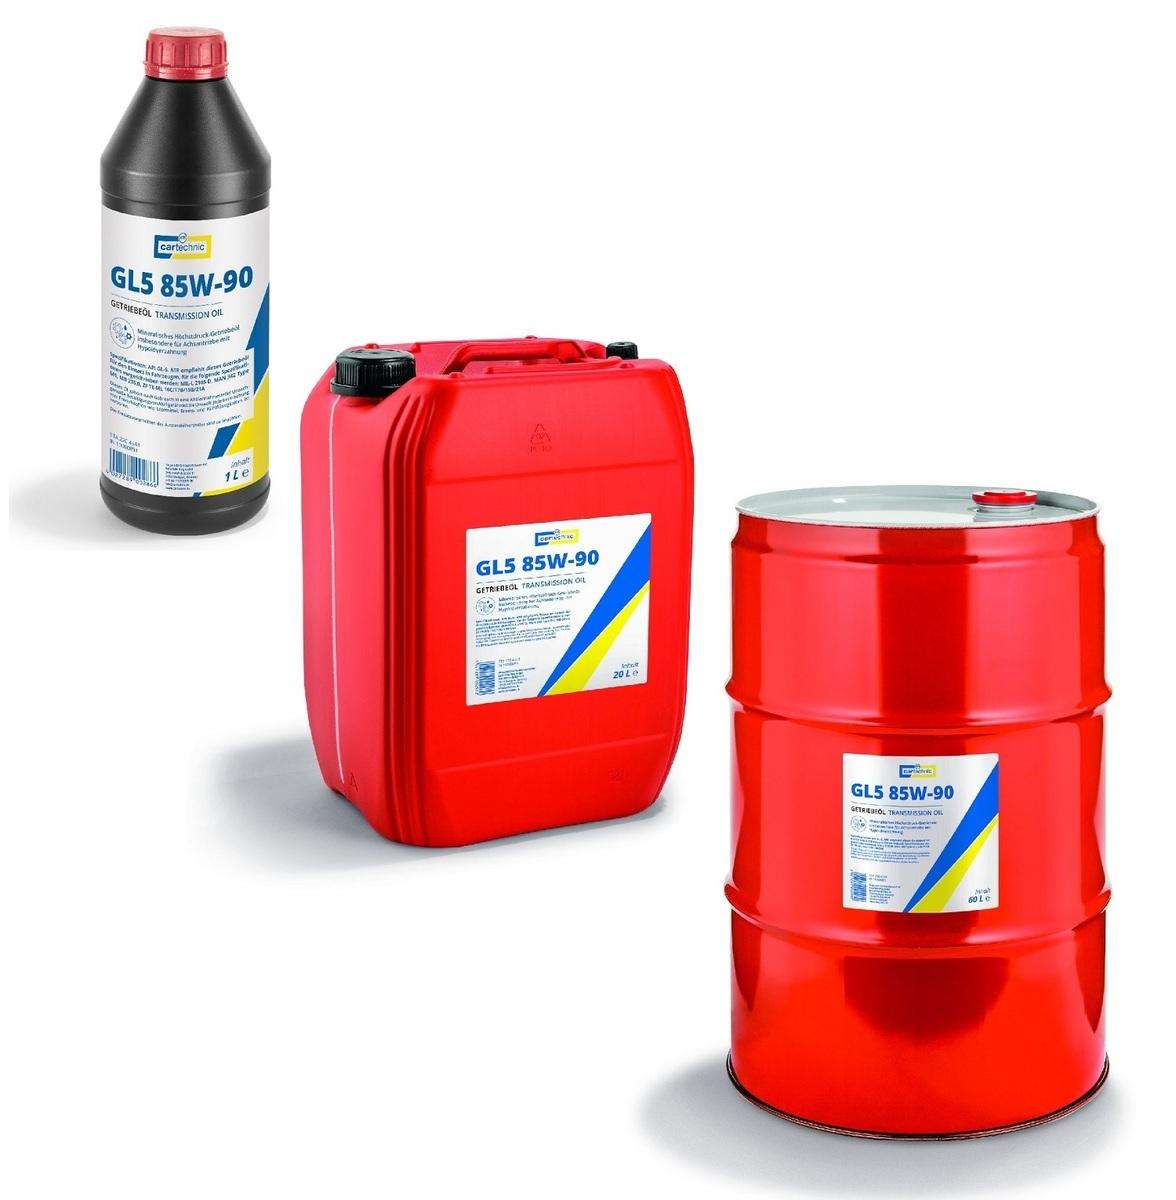 Převodový olej GL5 85W-90, pro velmi namáhané převodovky, různé objemy - Cartechnic